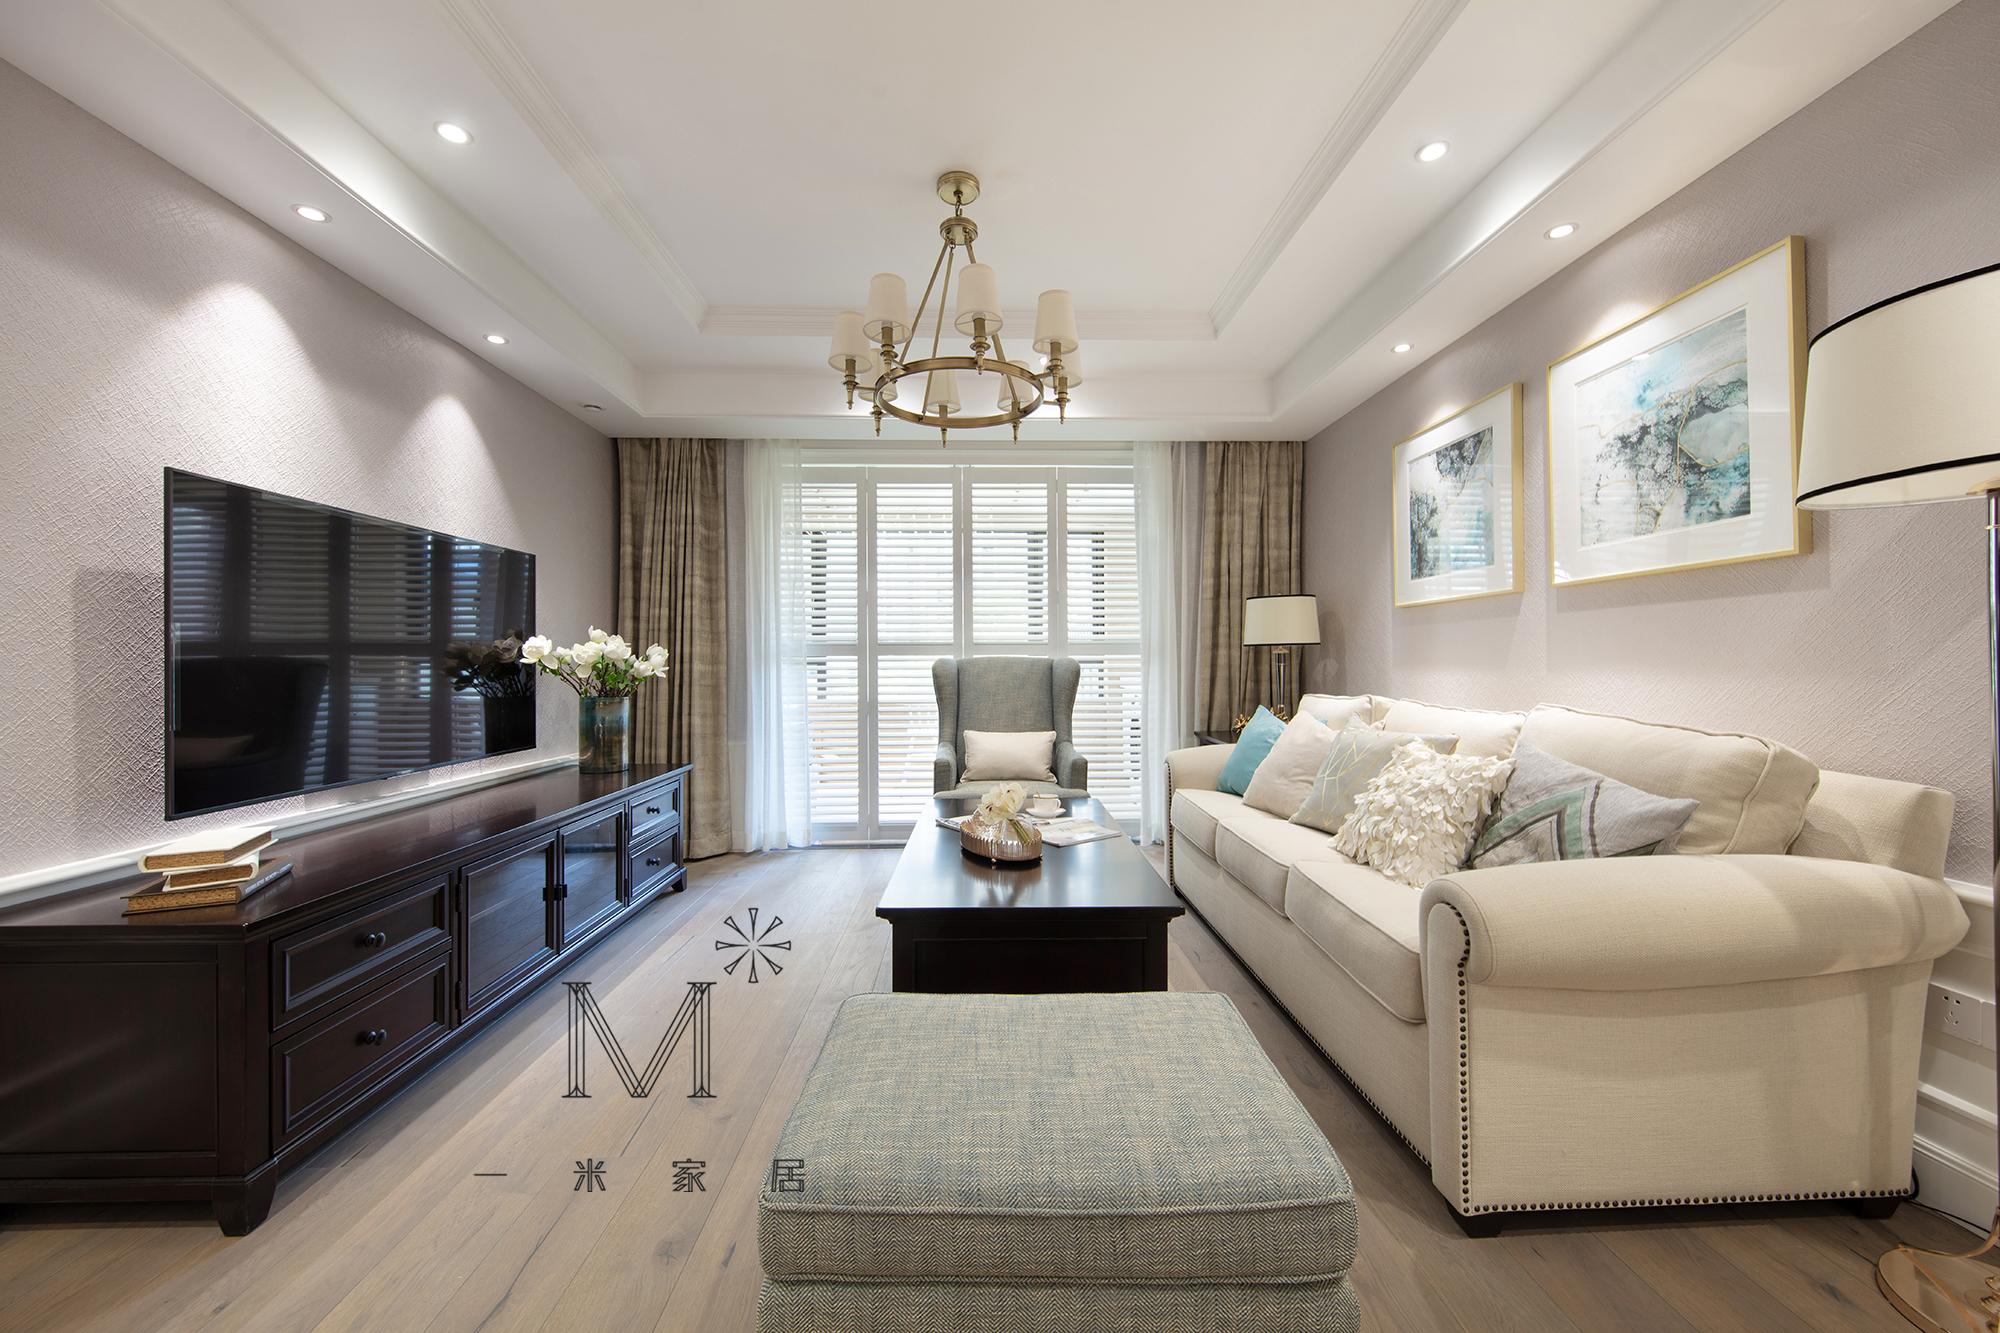 大气140平美式二居客厅装修装饰图客厅美式经典客厅设计图片赏析